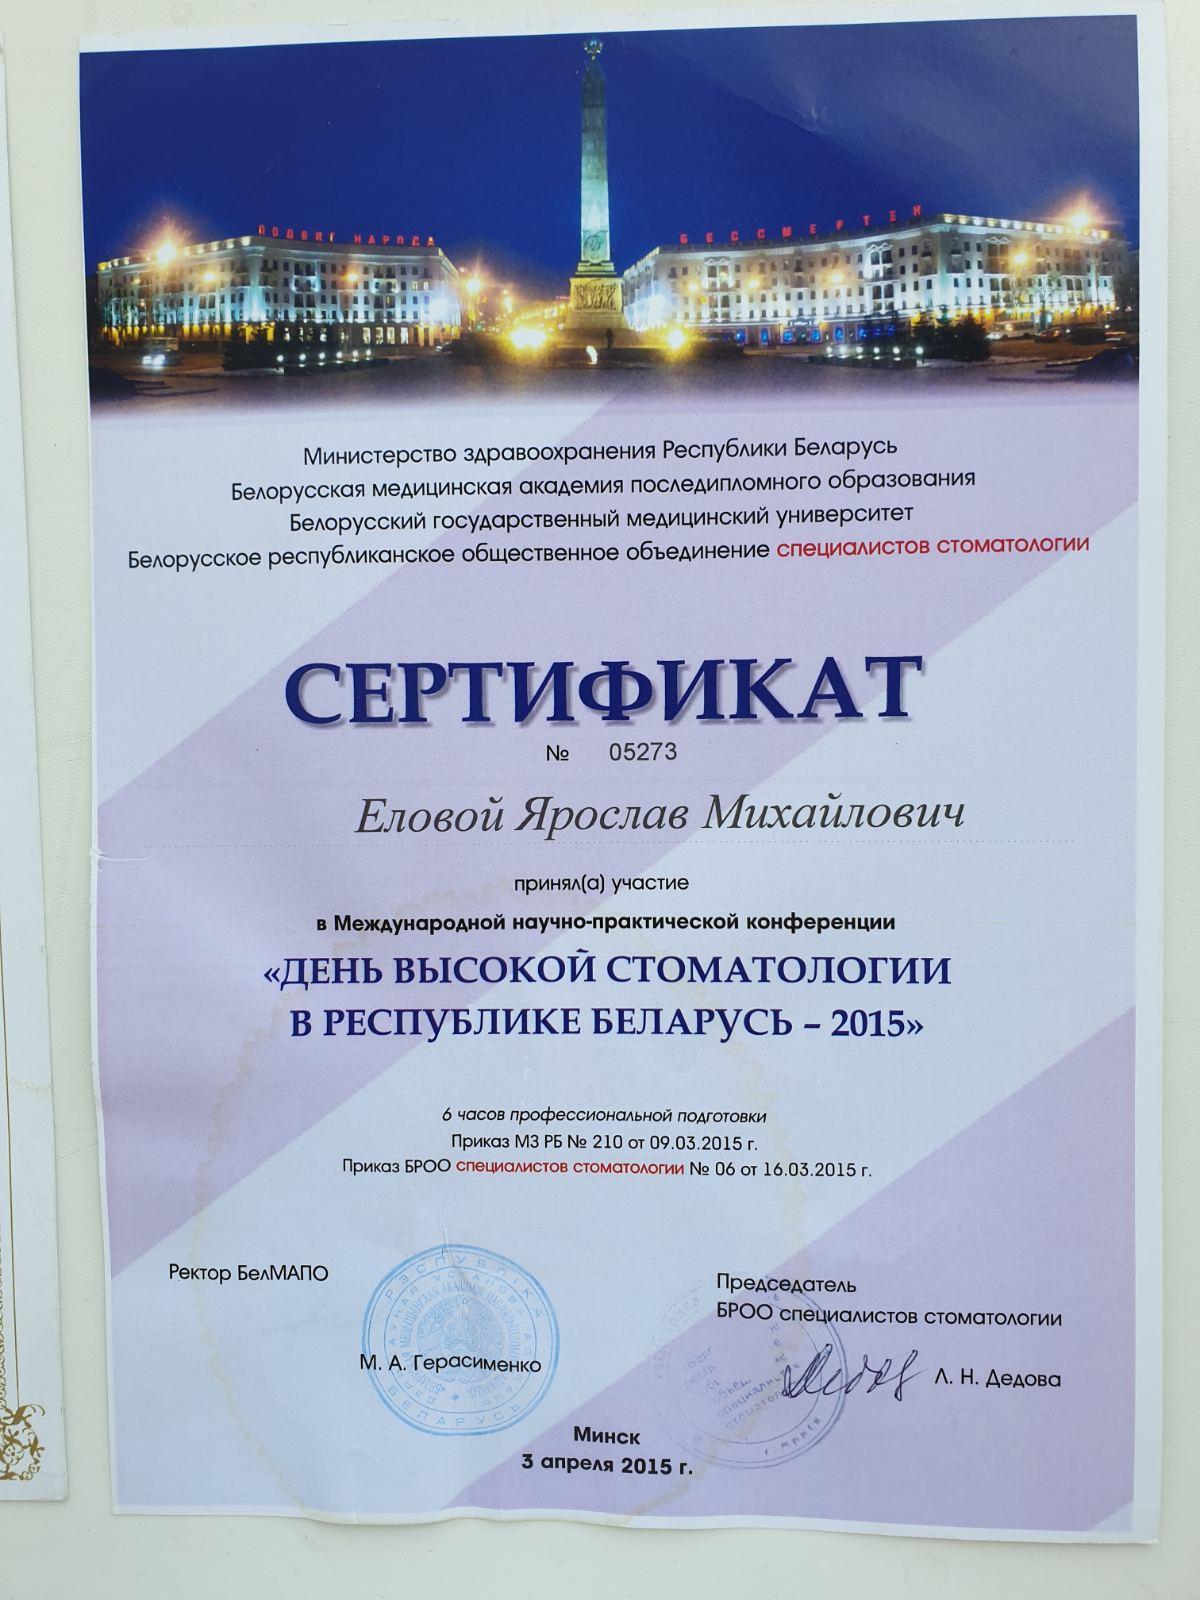 Сертификат выданный Еловому Ярославу Михайловичу о принятии участия в Международном научно-практической конференции - День высокой стоматологии в Республике Беларусь - 2015